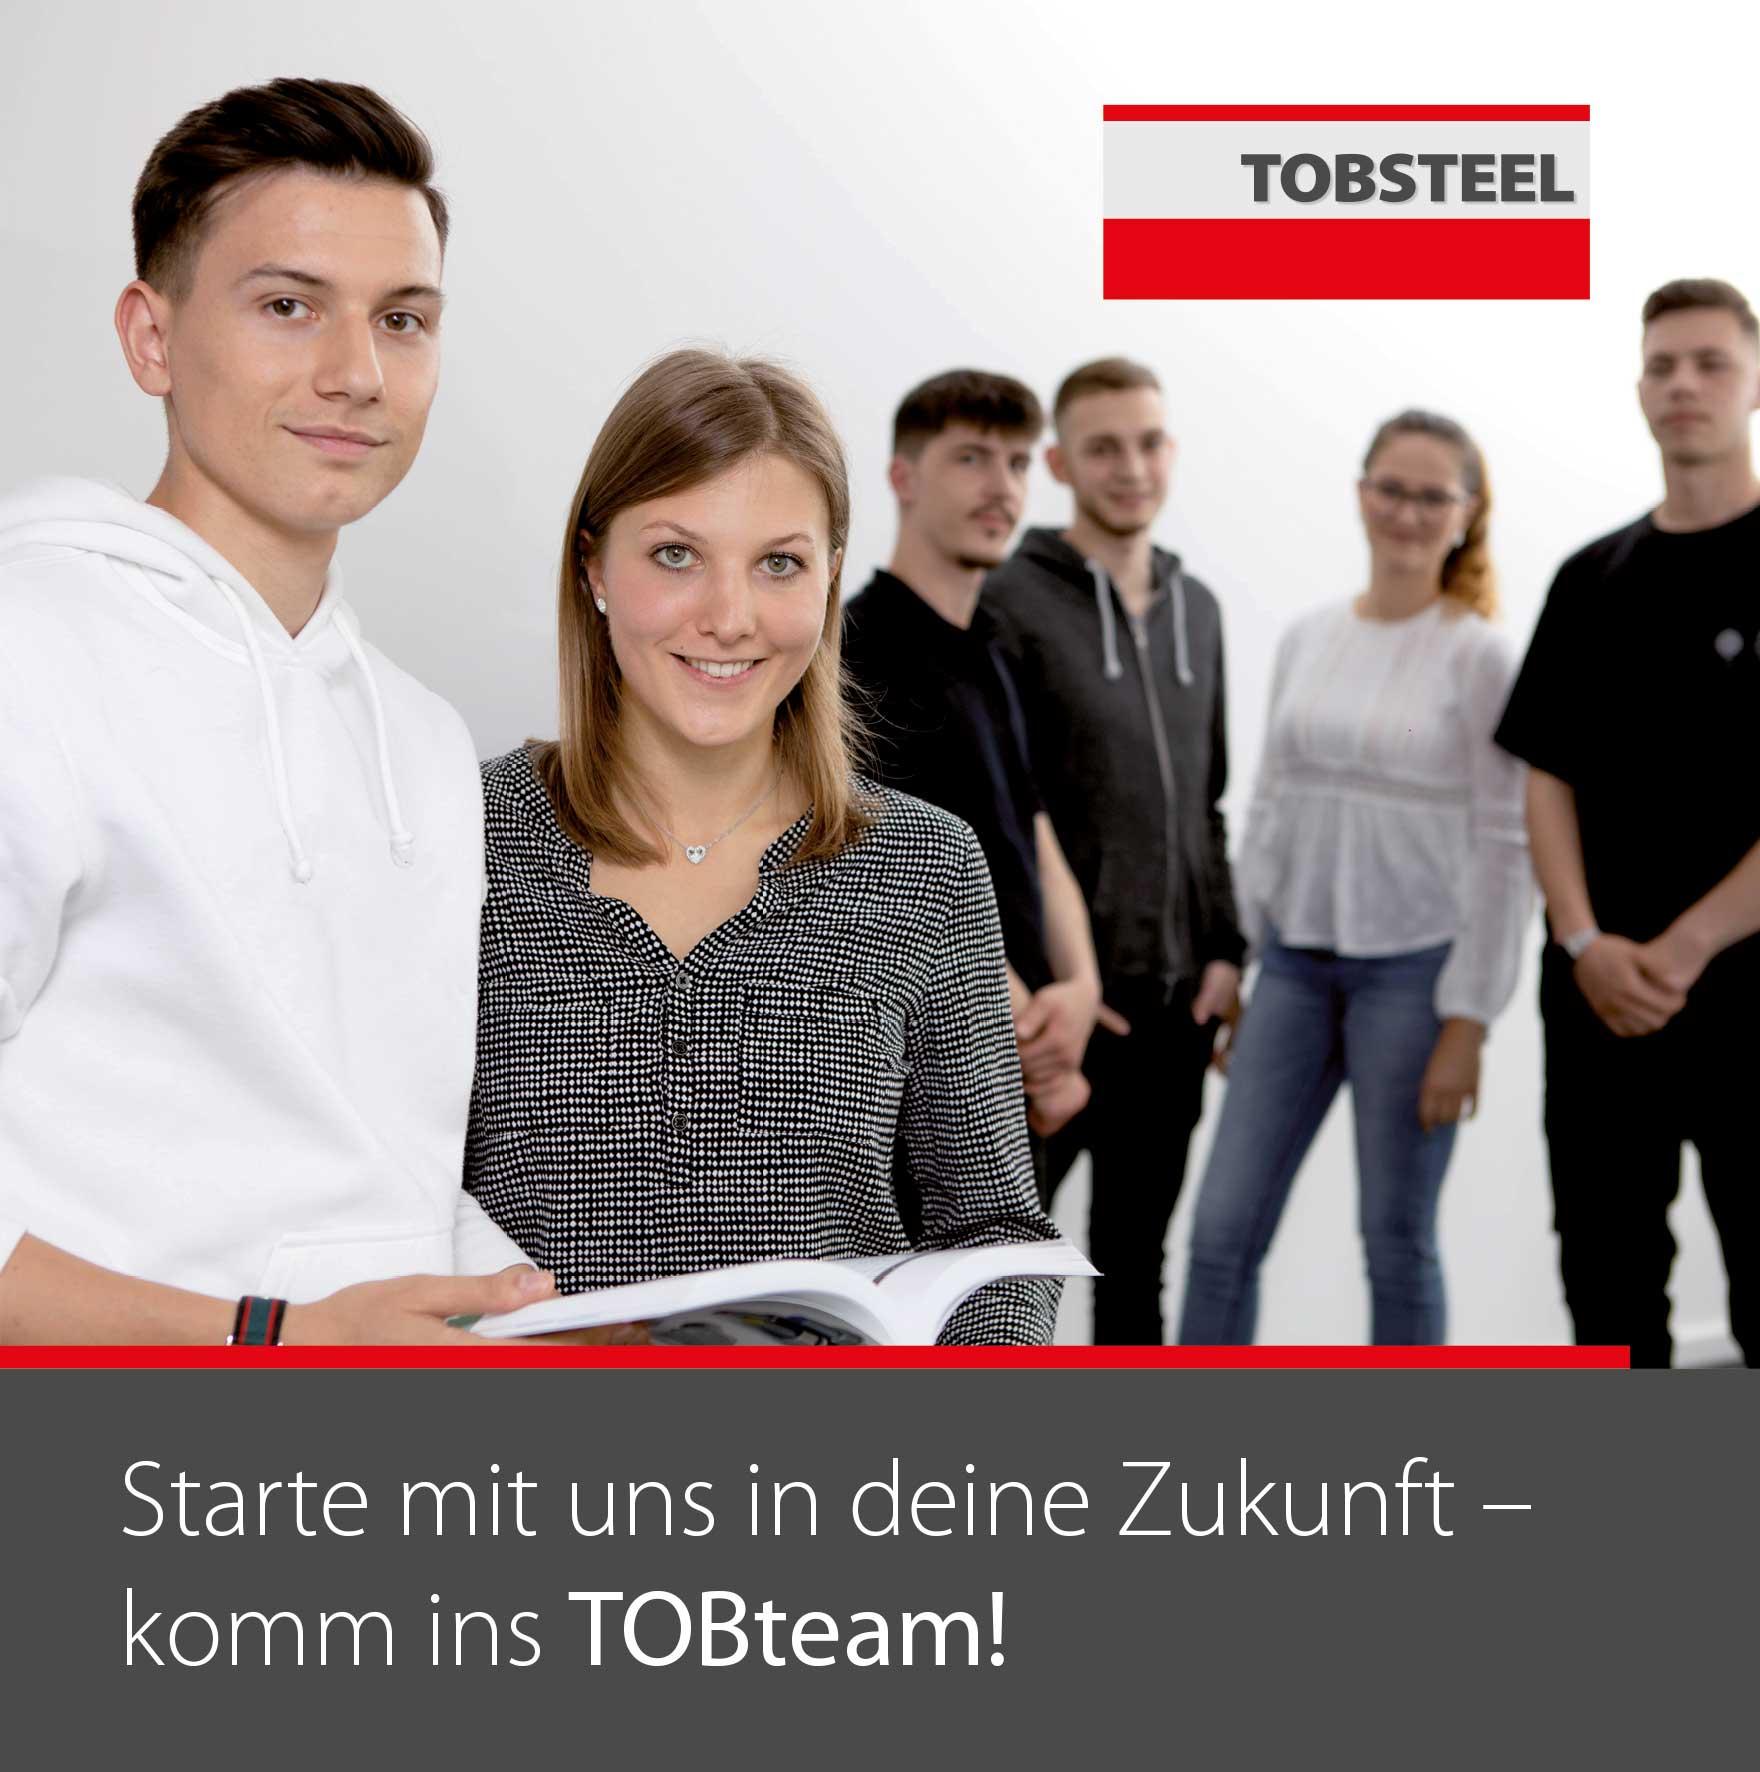 Ausbildung bei TOBSTEEL GmbH